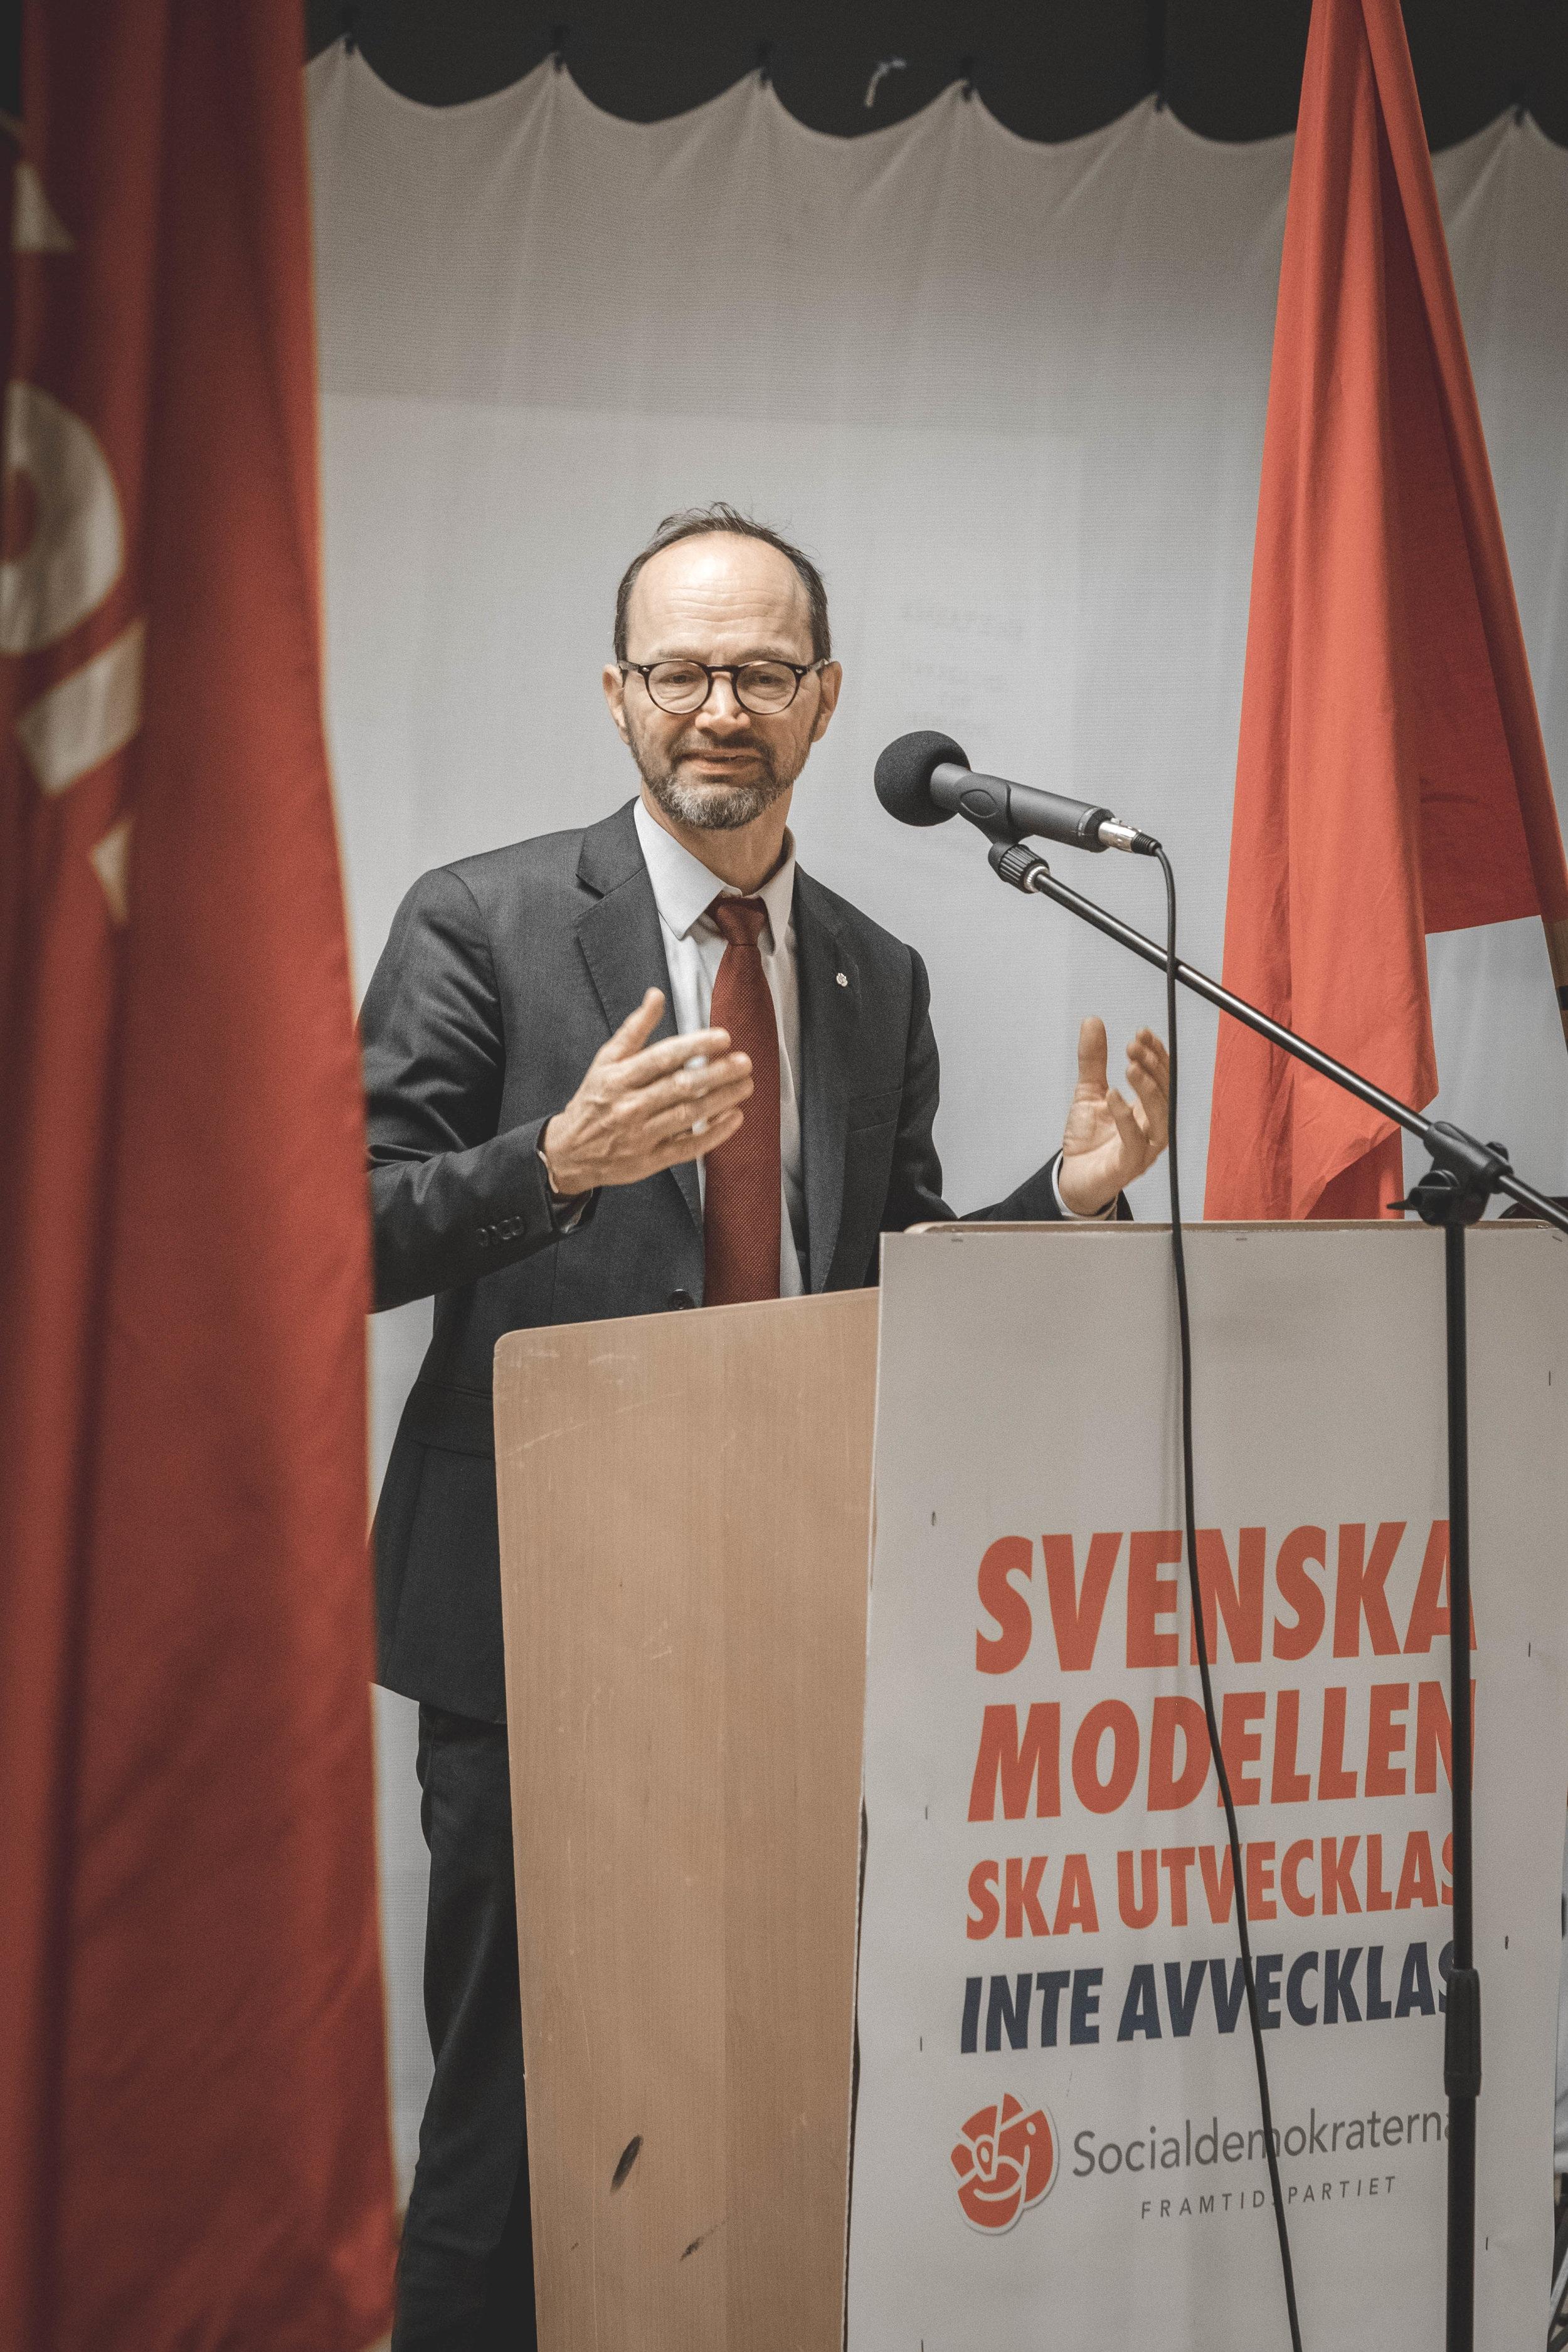 Infrastrukturminister, Tomas Eneroth.